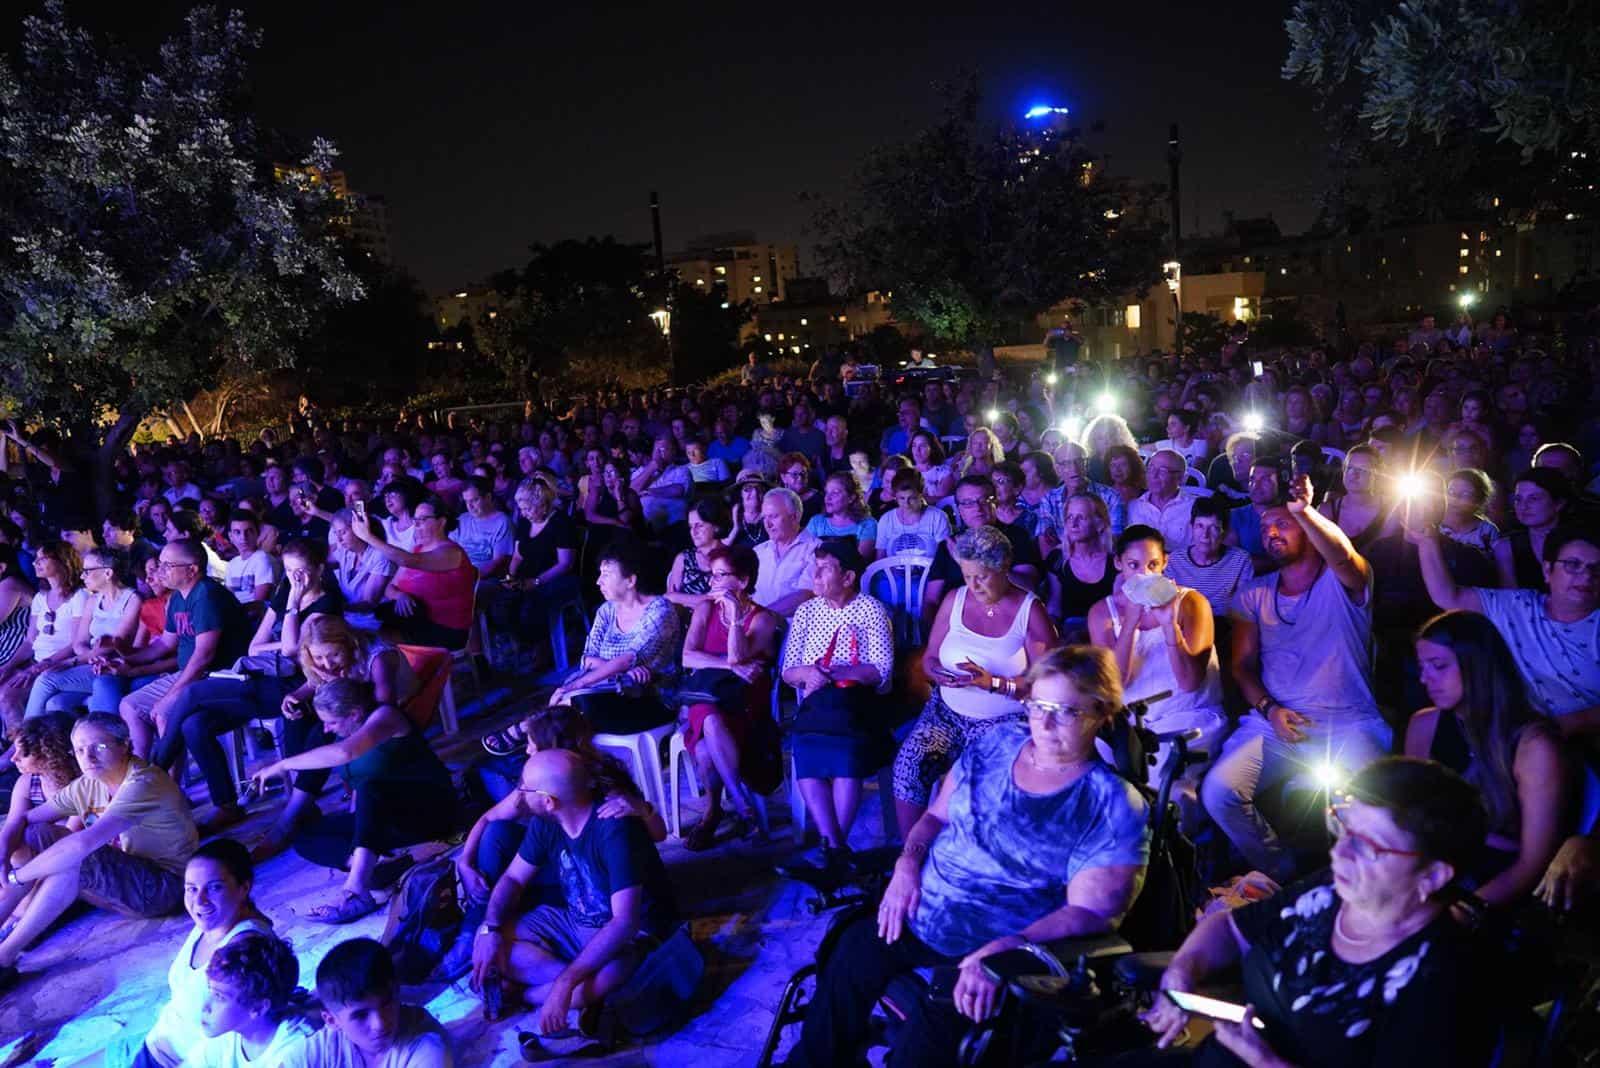 הופעה במצפה- אירועי קיץ